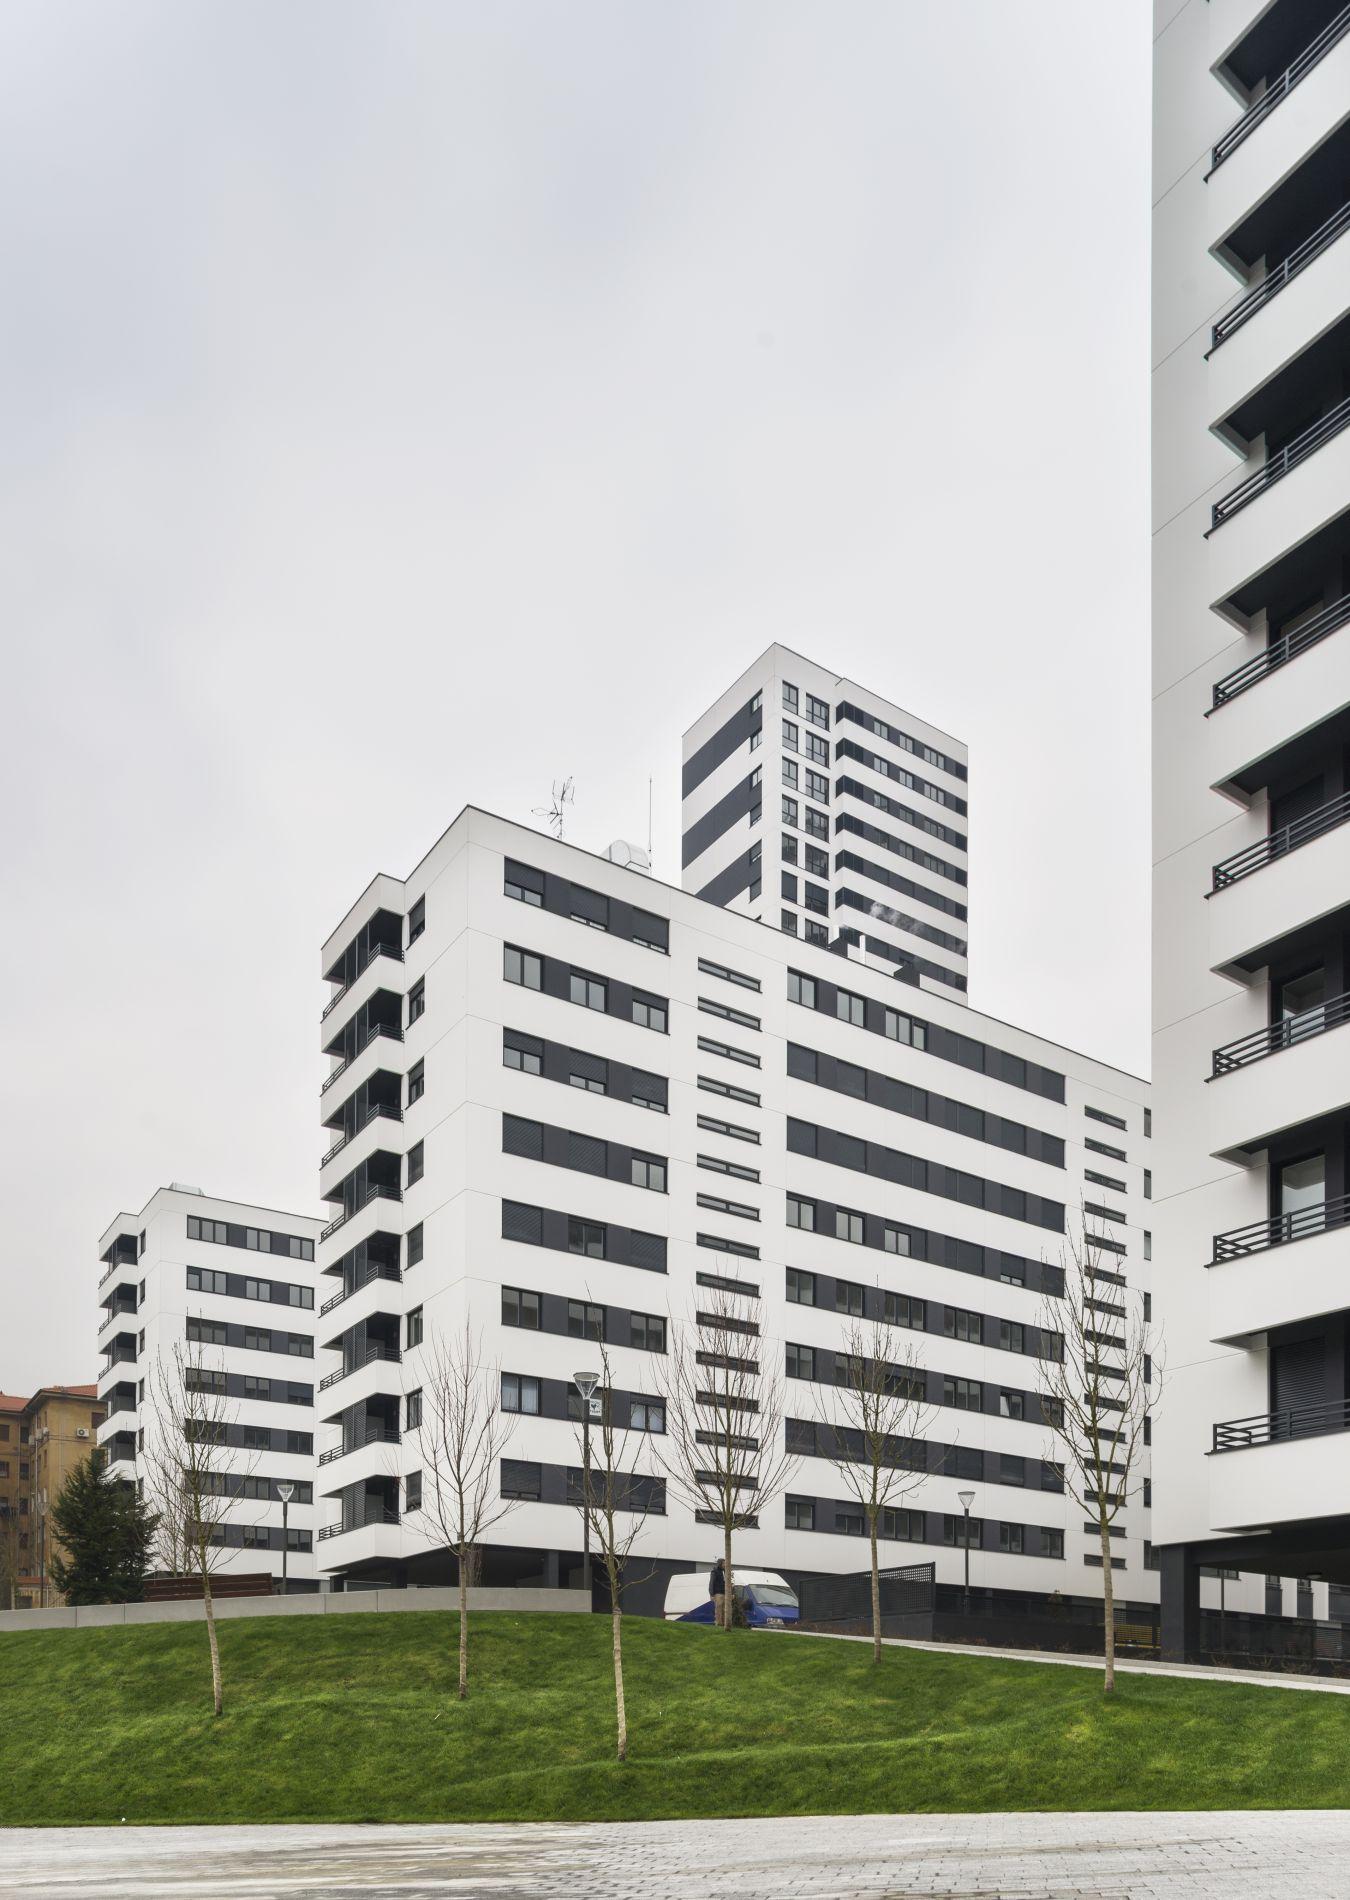 Fiark - 318 Viviendas VPO y 289 tasadas en Bilbao 1